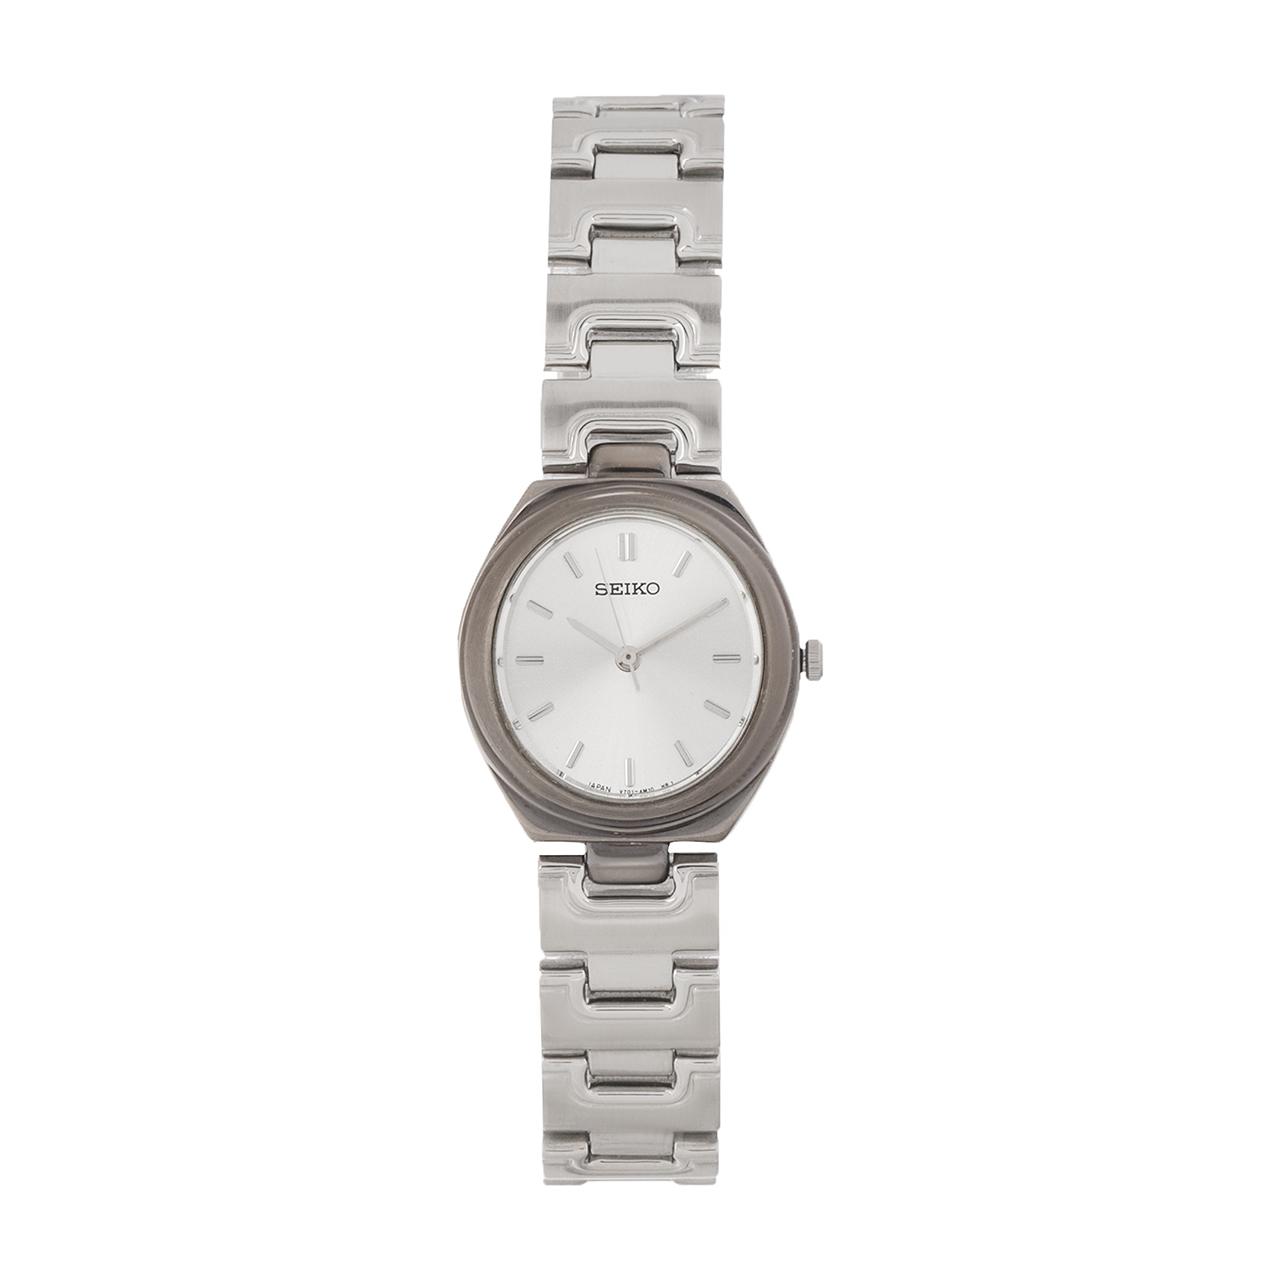 ساعت مچی عقربه ای زنانه سیکو مدل G2